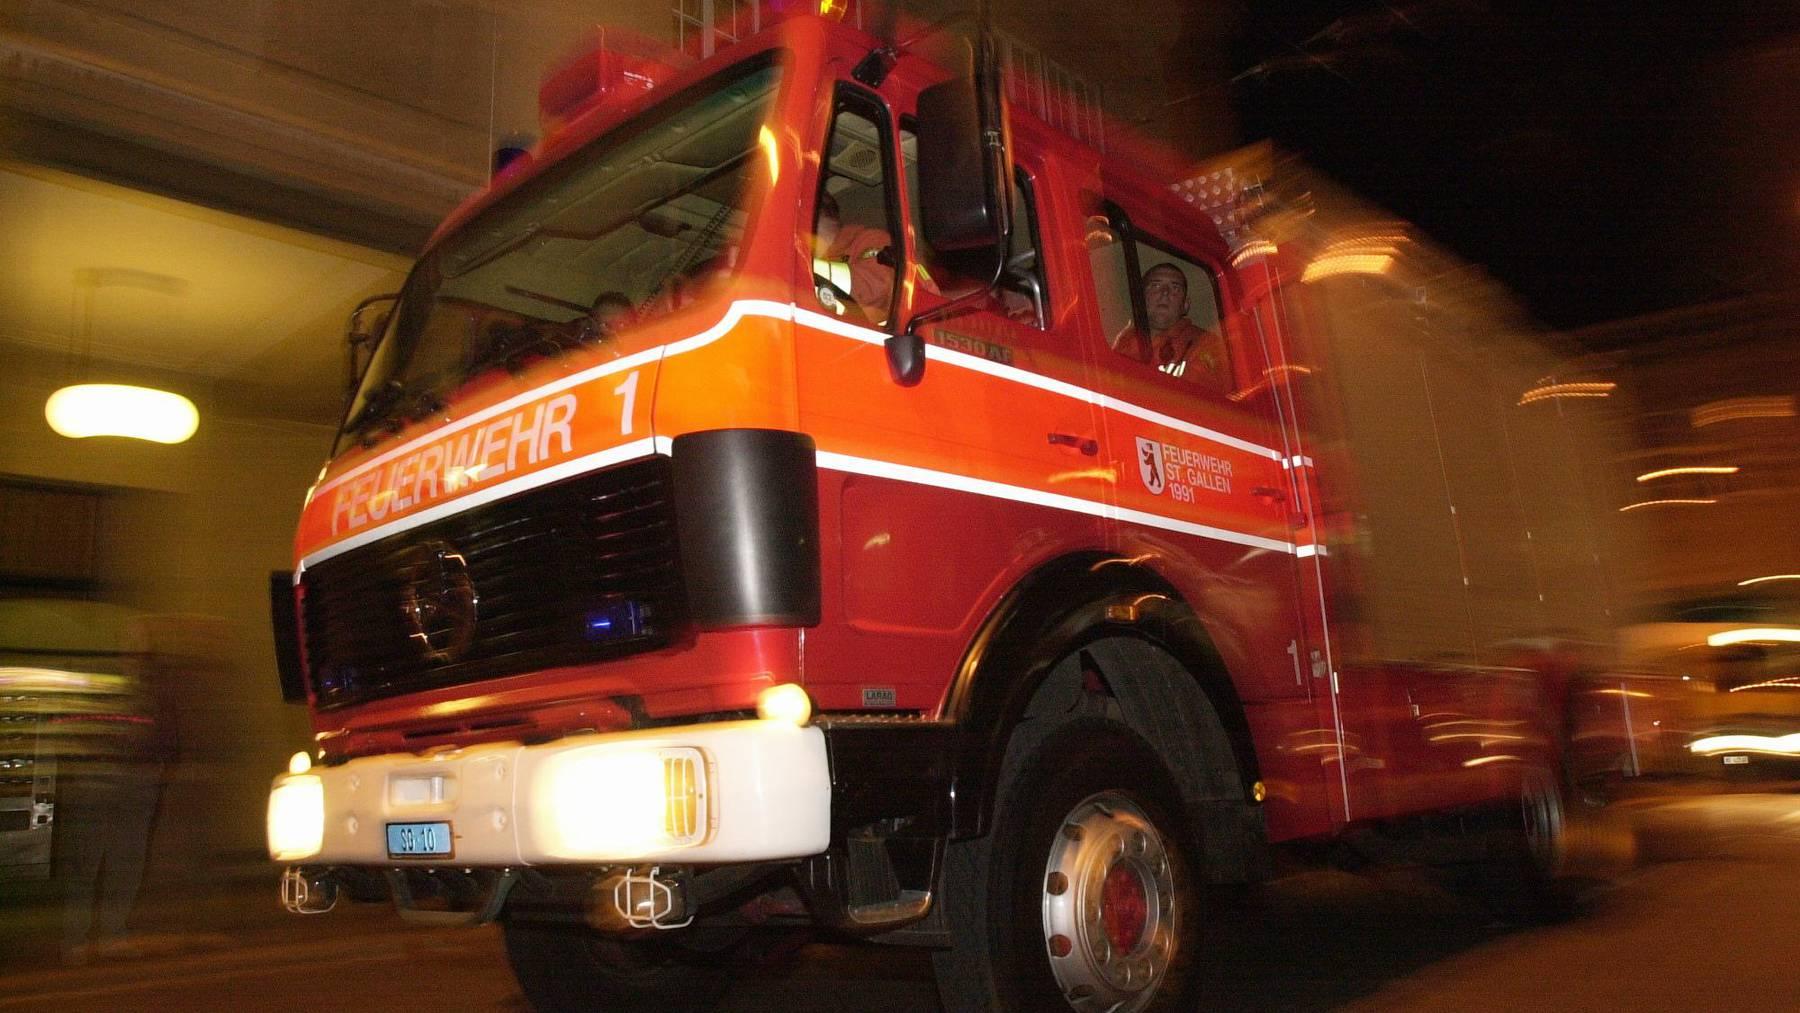 Die Feuerwehr St.Gallen war am späten Freitagabend an der Rehetobelstrasse im Einsatz.